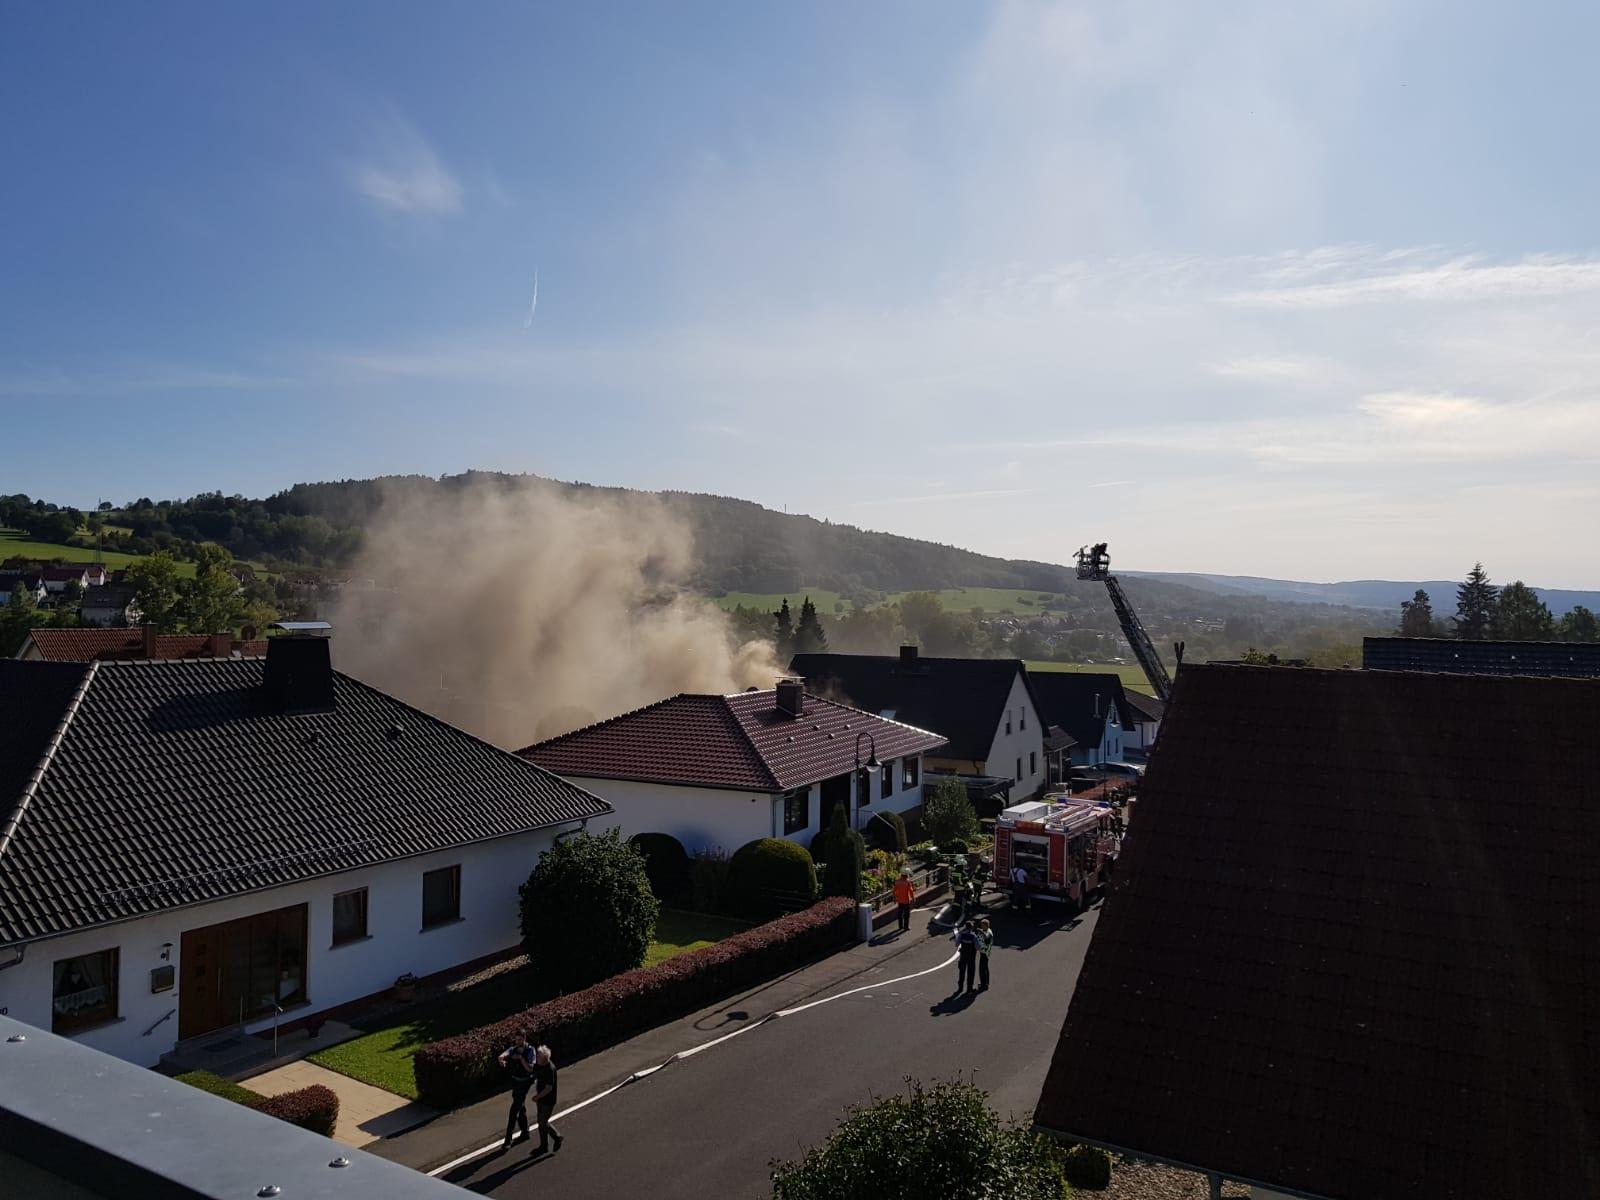 2020-96: 20.09.2020 15:30 Uhr – Brennt Garage zwischen zwei Wohnhäusern